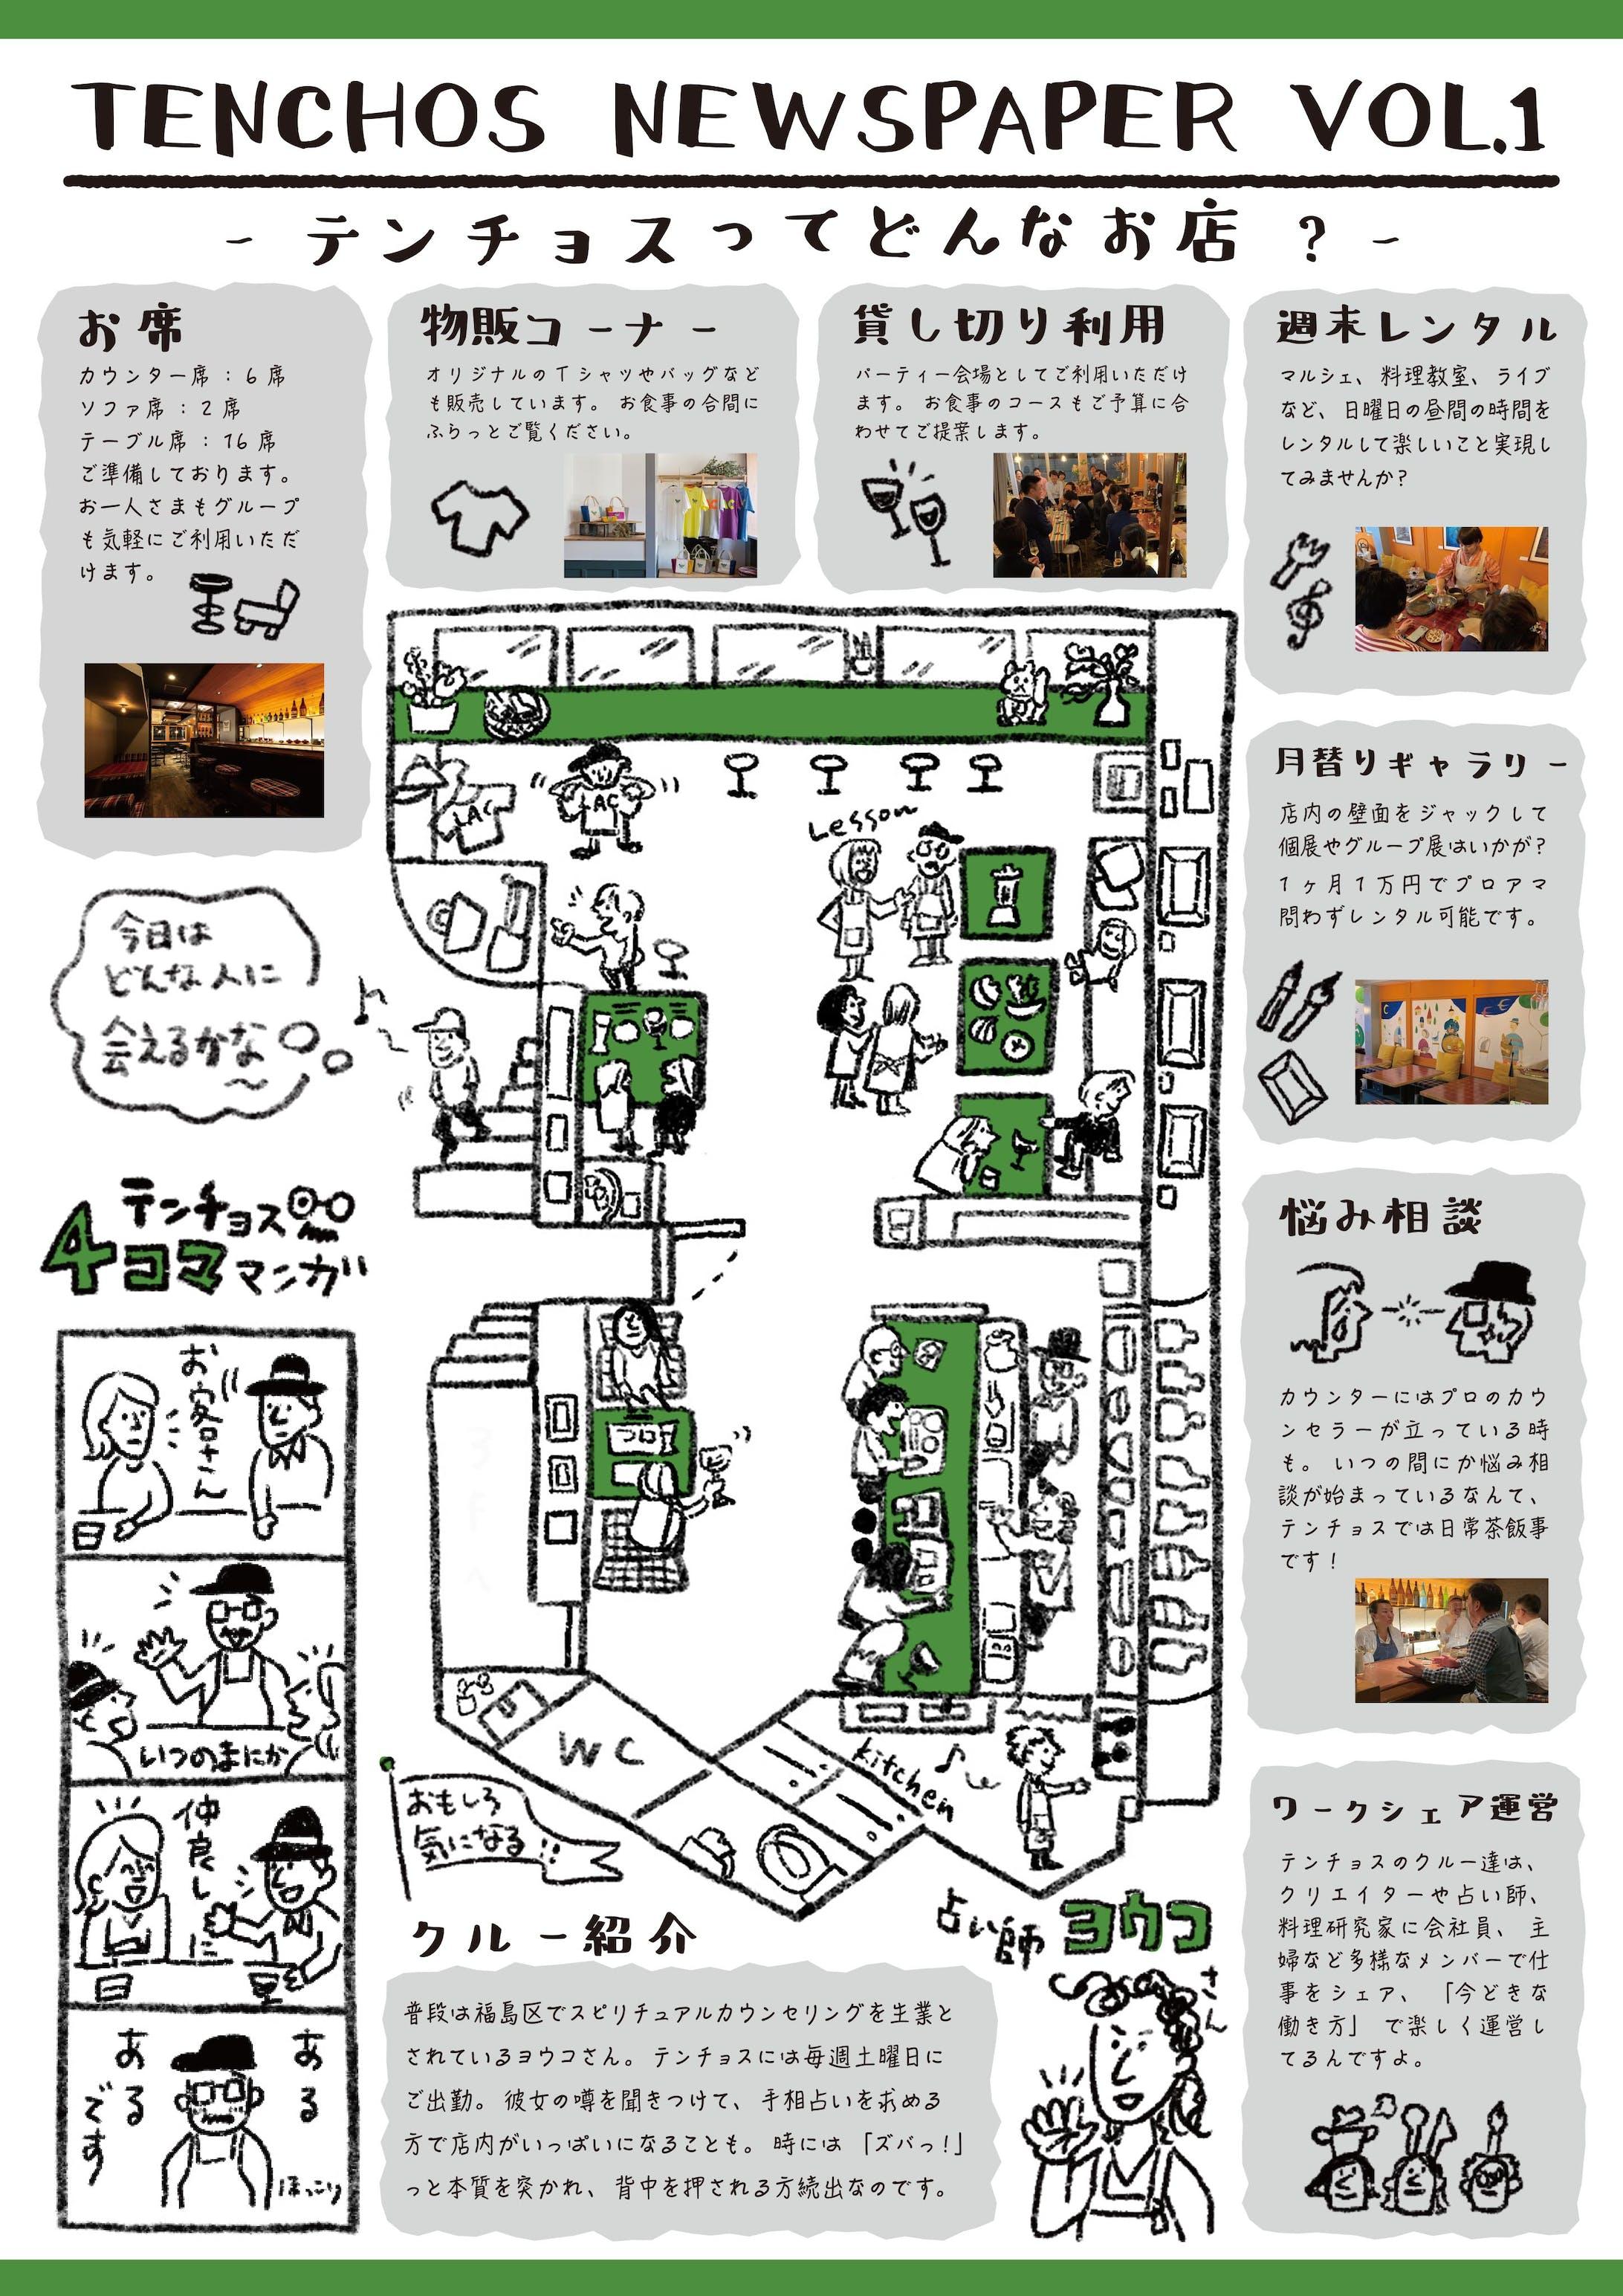 【フライヤーデザイン】TENCHOSチラシ-2